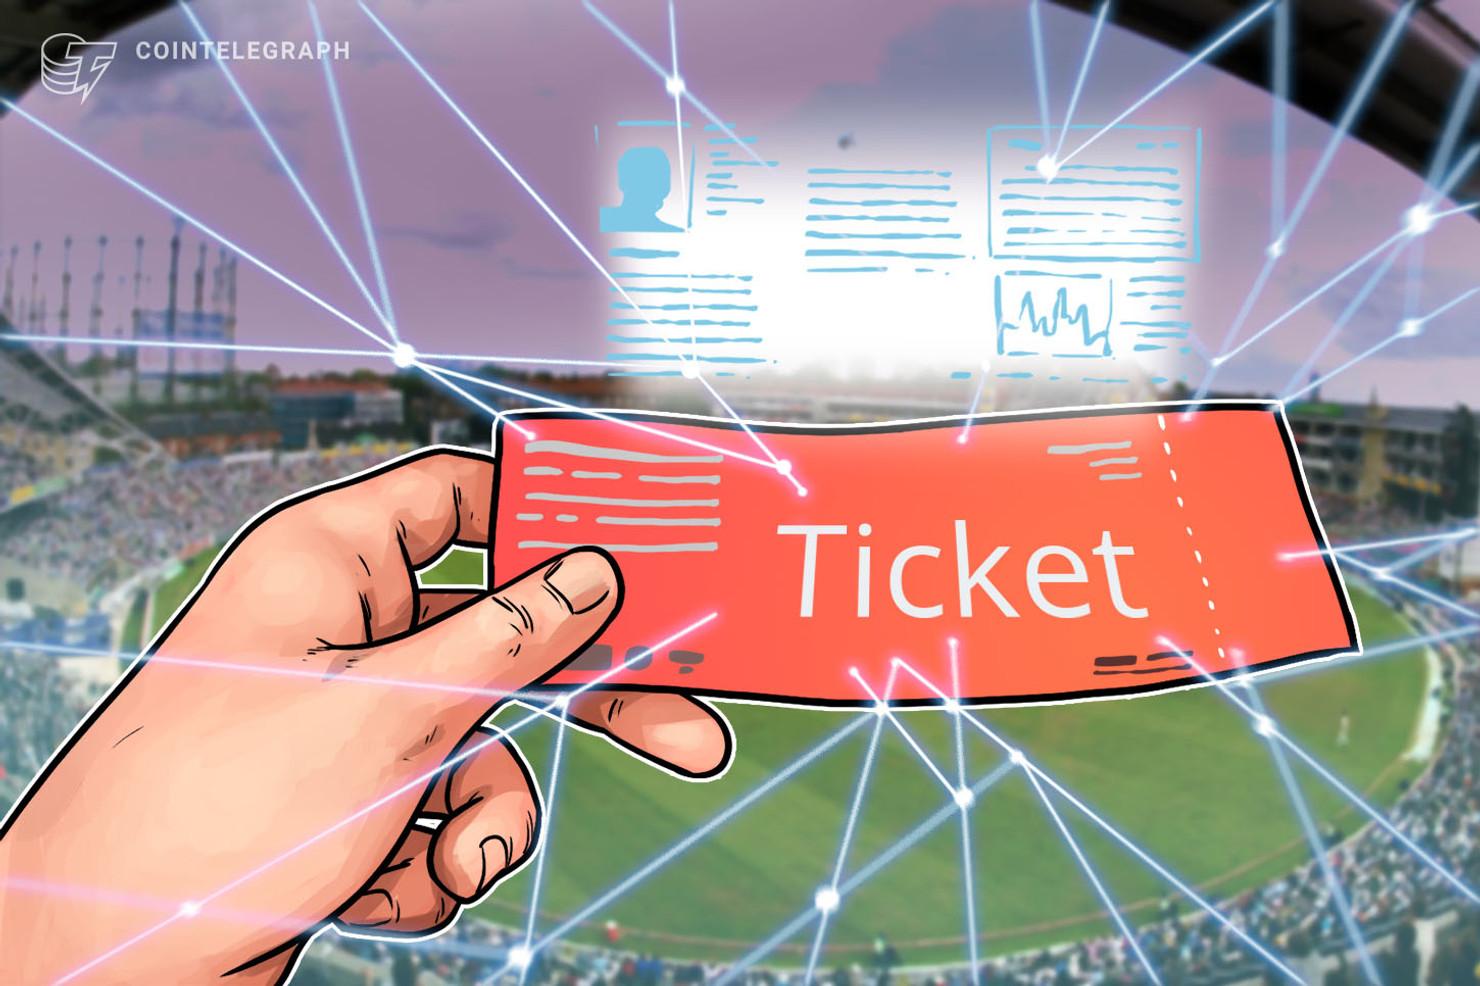 英国的兰开夏郡板球俱乐部现在使用区块链平台出售门票